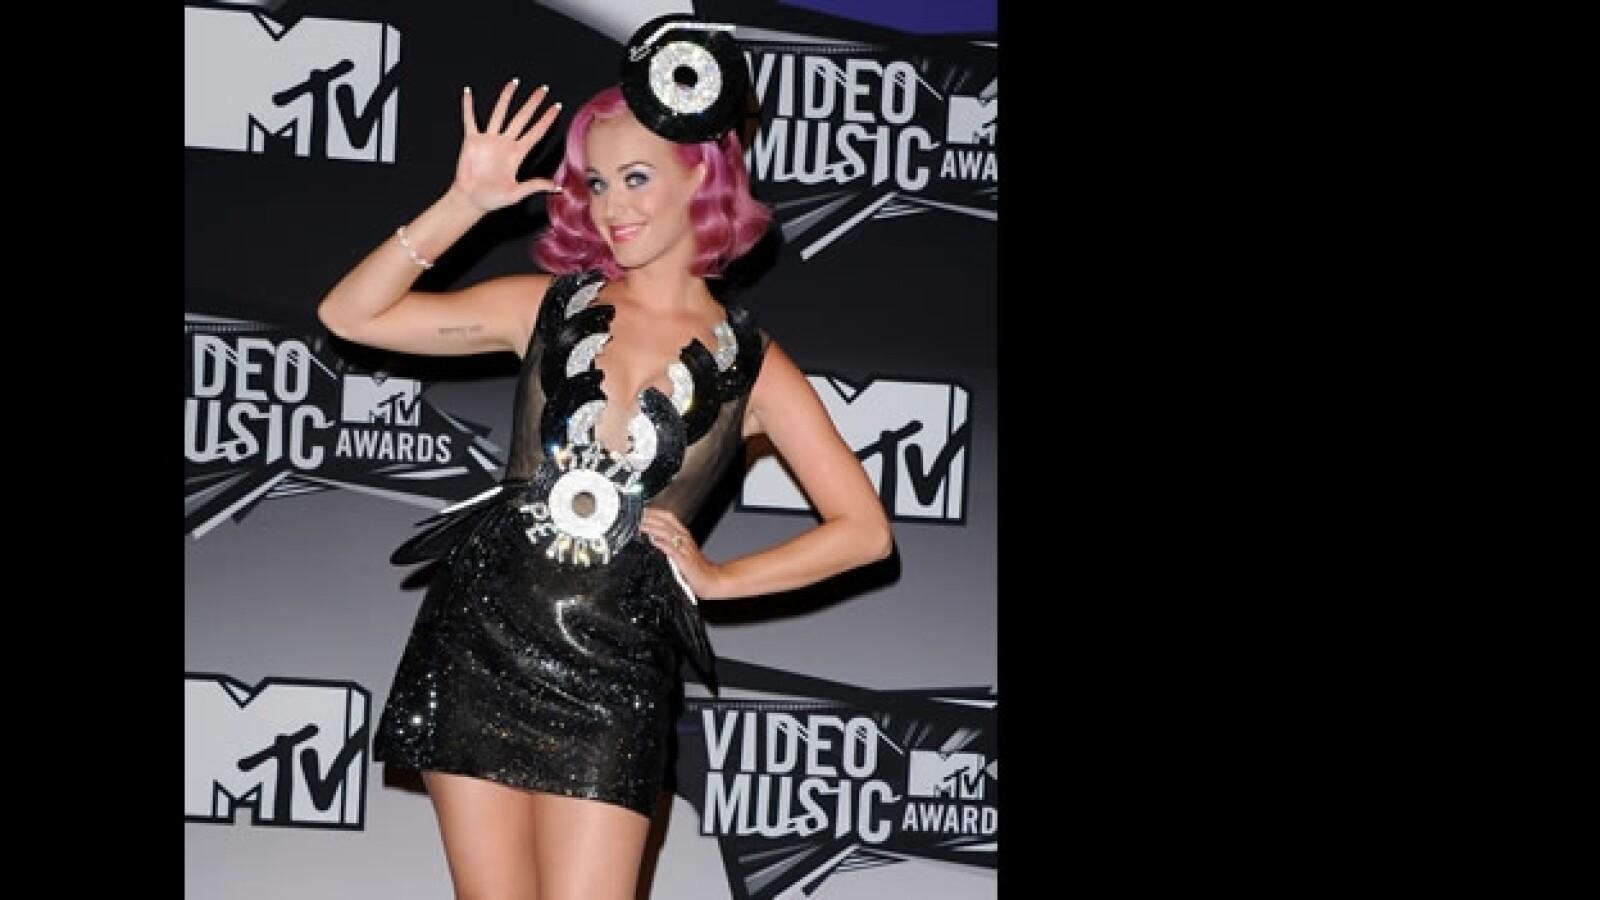 vestidos exoticos MTV VMA 2